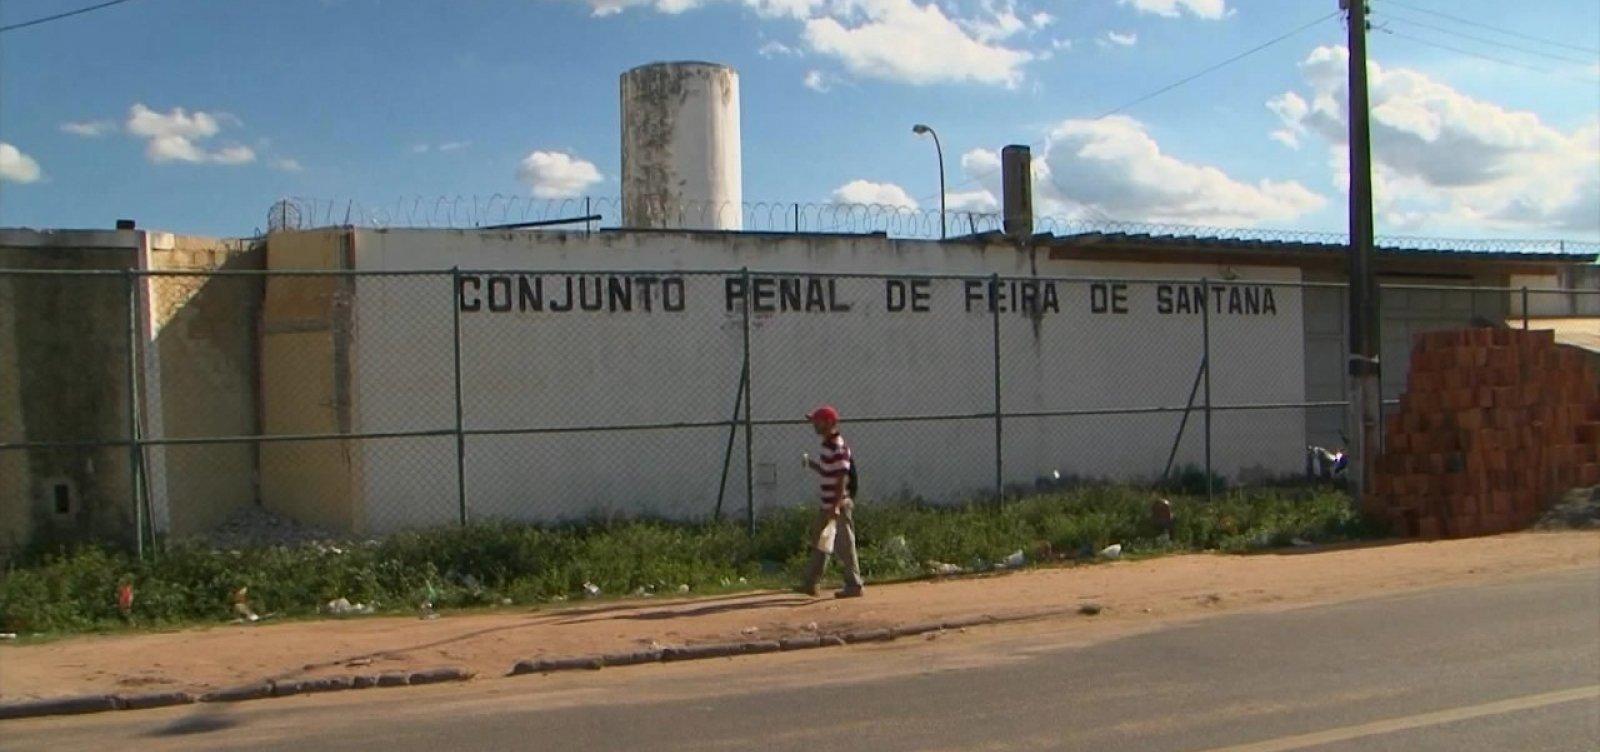 [Justiça encontra irregularidades em visita a conjunto penal de Feira de Santana]